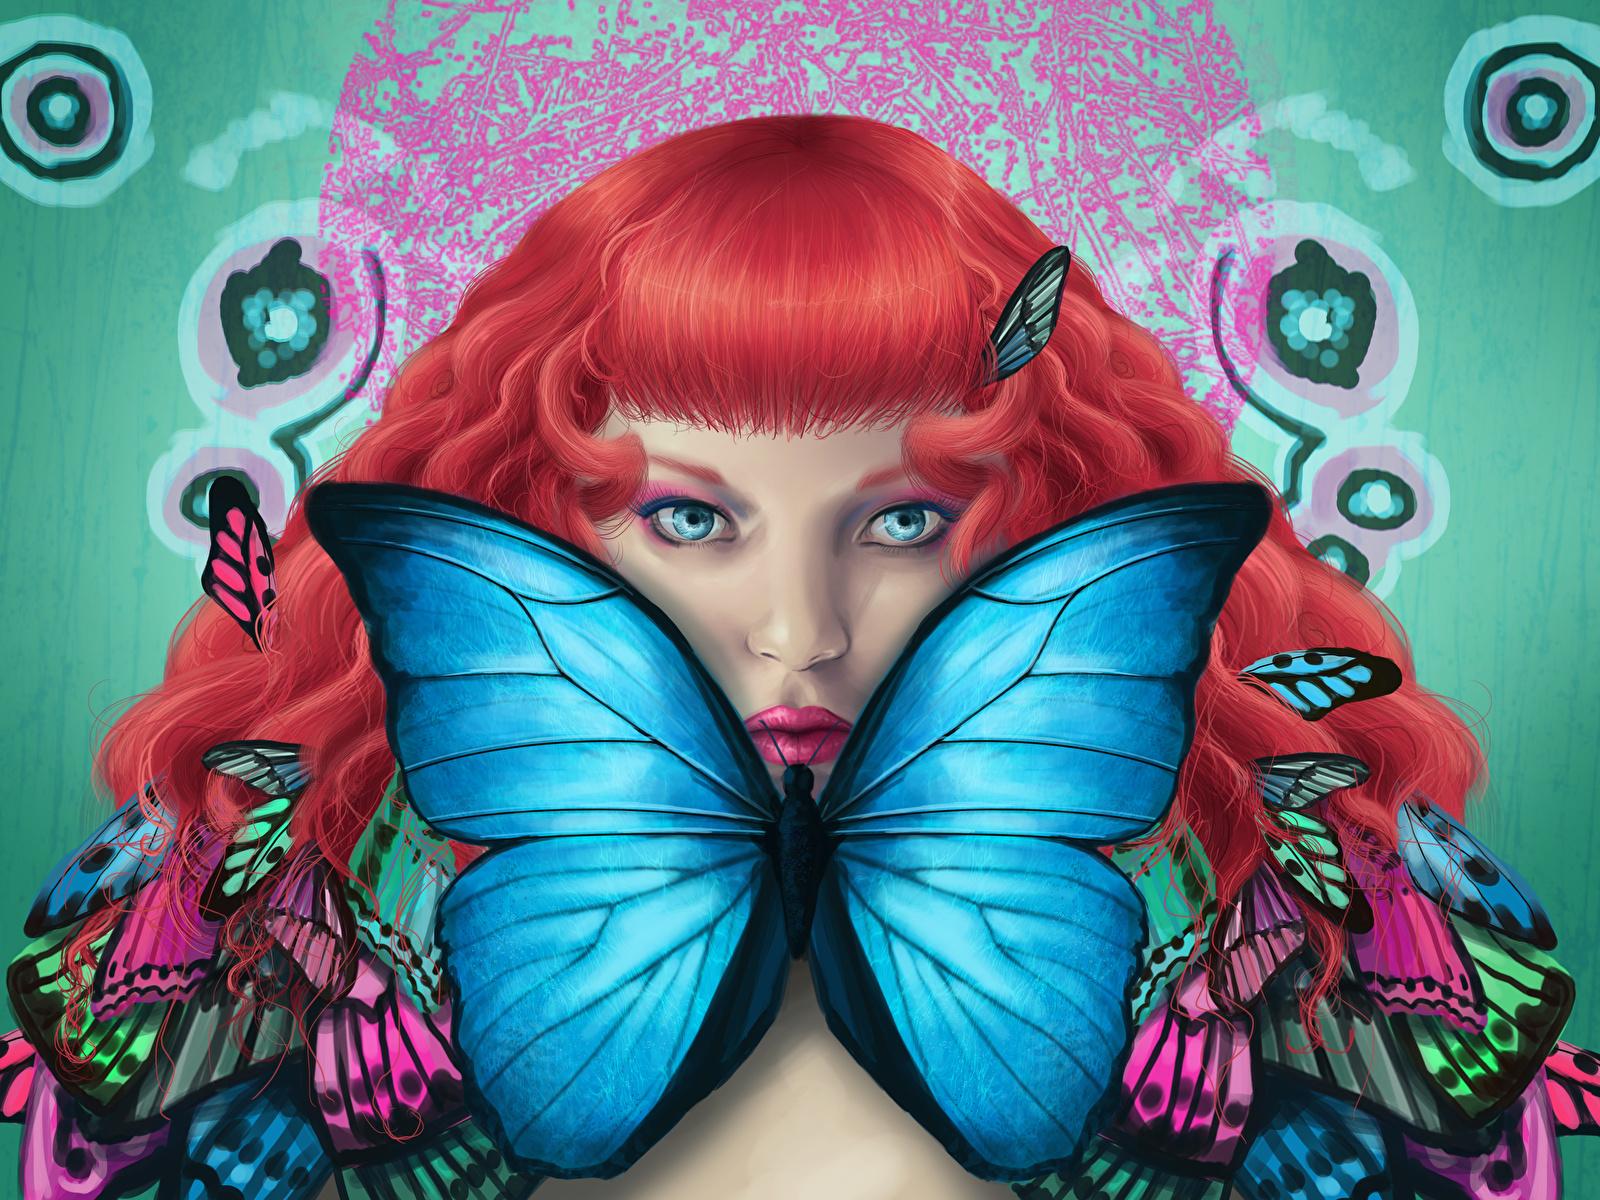 Картинка бабочка Рыжая Девушки Фантастика Взгляд Рисованные 1600x1200 Бабочки рыжие рыжих девушка Фэнтези молодая женщина молодые женщины смотрит смотрят